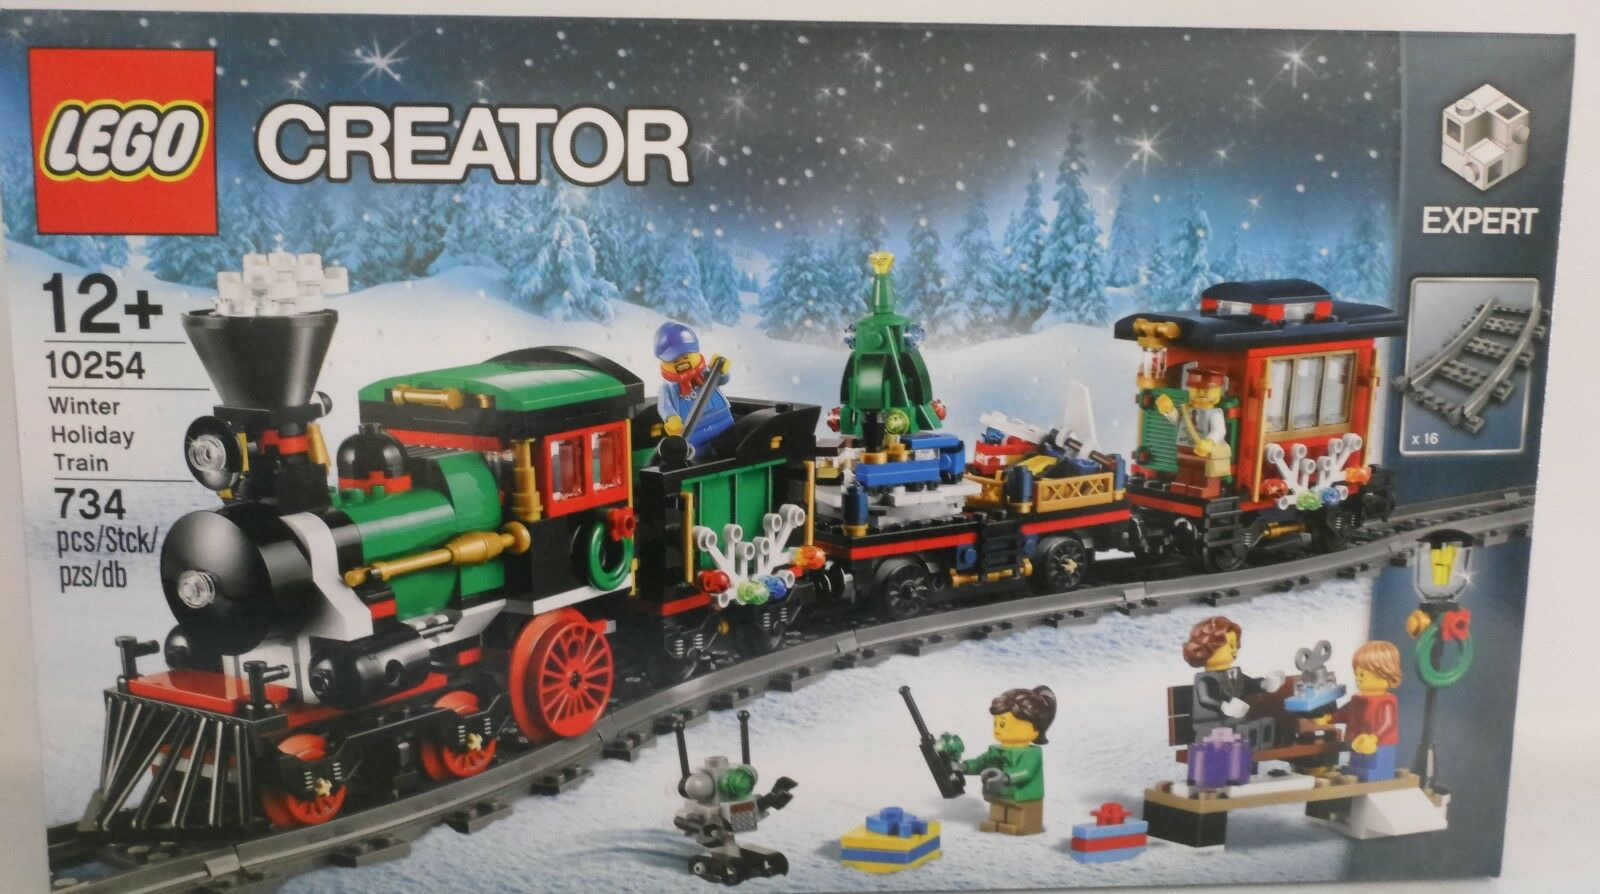 NEU LEGO® CREATOR 10254 Festlicher Weihnachtszug EXPERT OVP